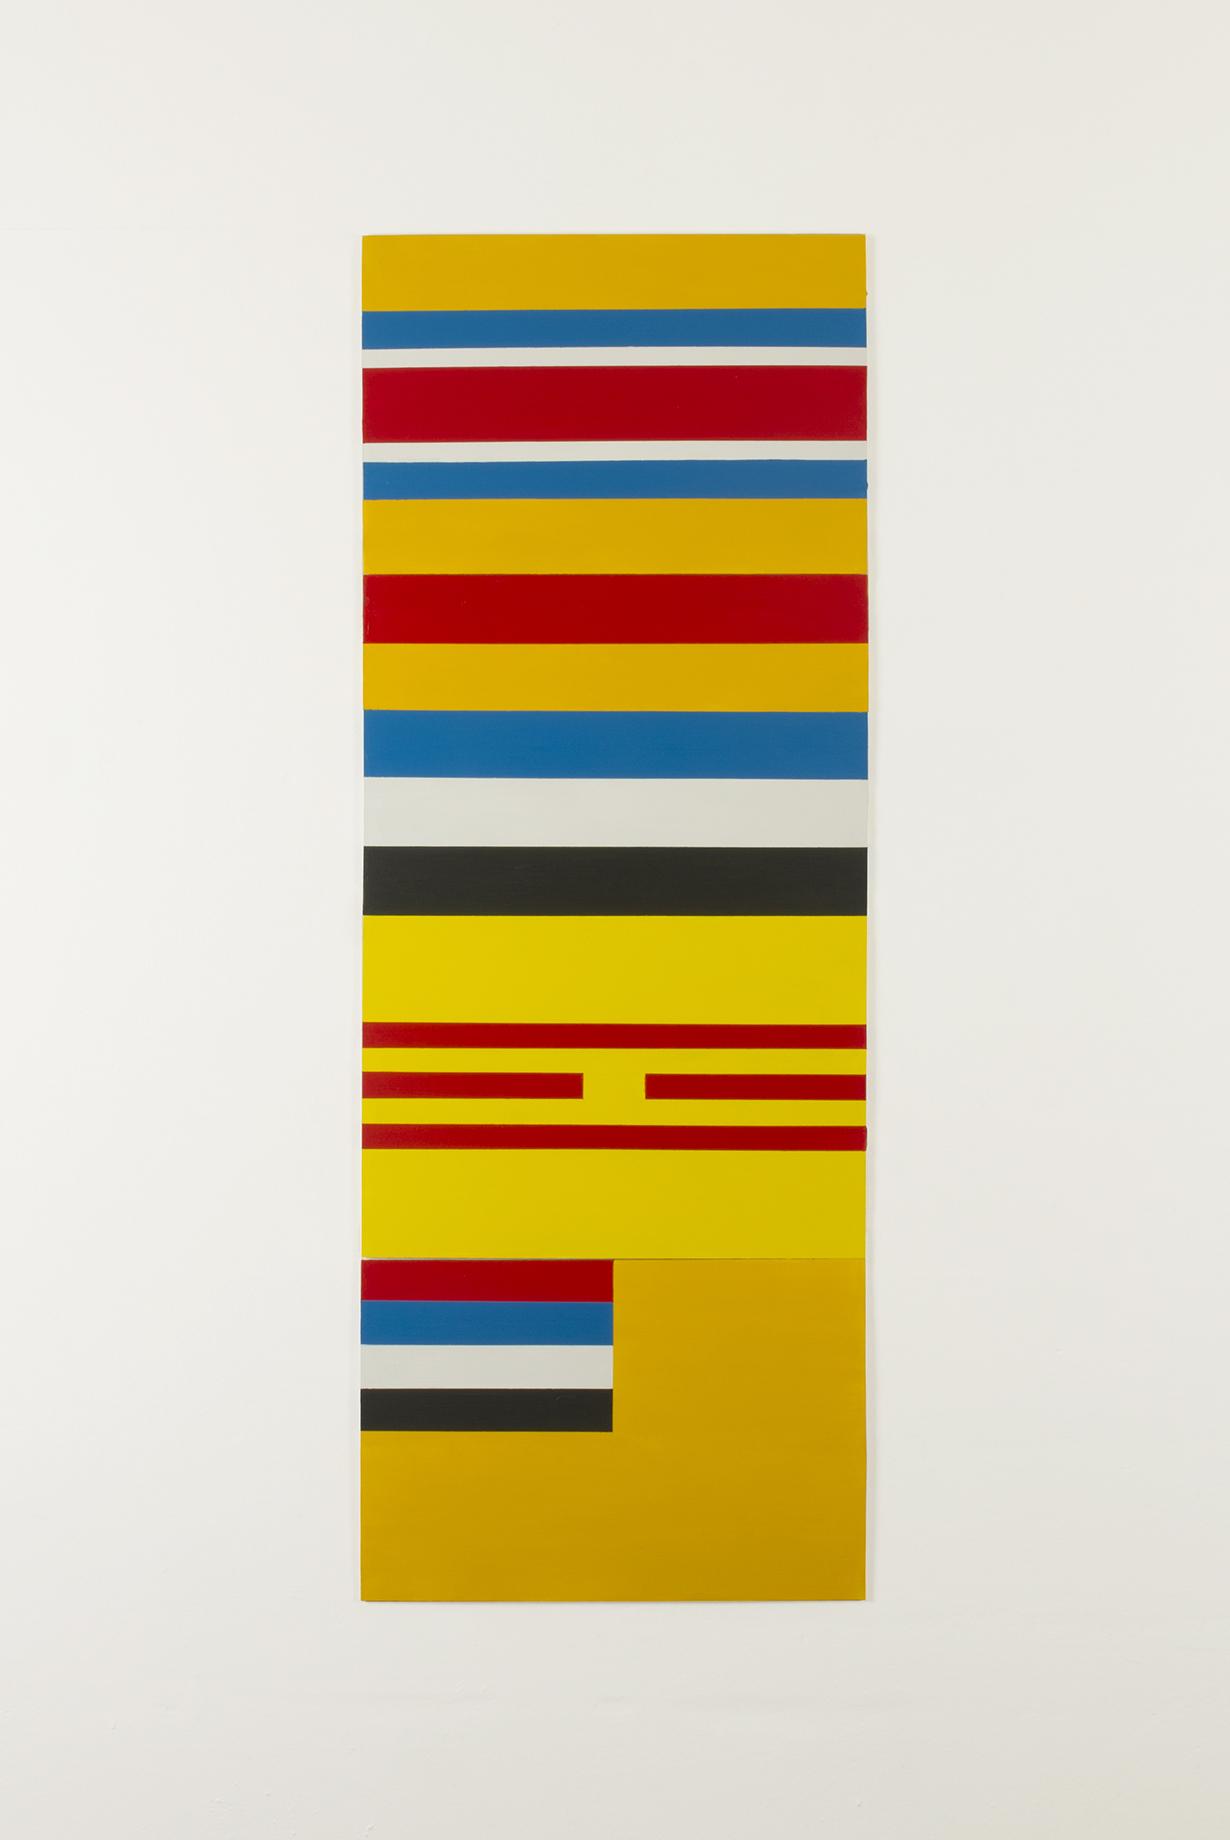 Composición geométrica-abstracta tomando como motivo banderas de países títeres del Japón en la 2ª Guerra Mundial , 2014